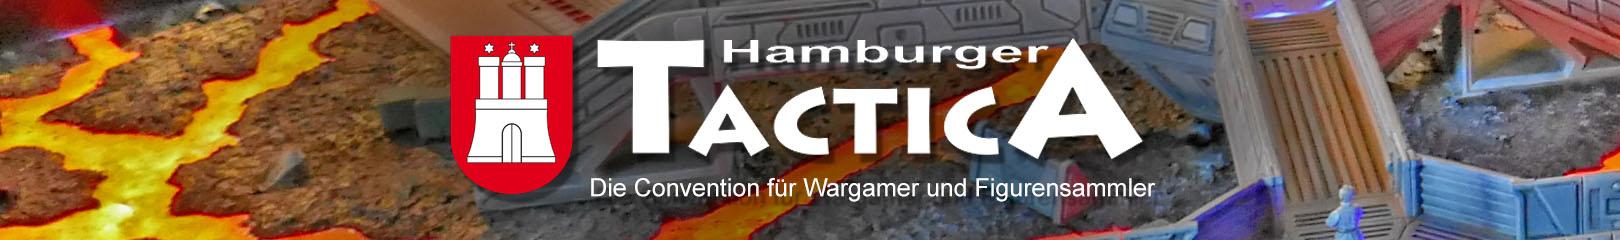 Willkommen auf der Seite der Hamburger Tactica